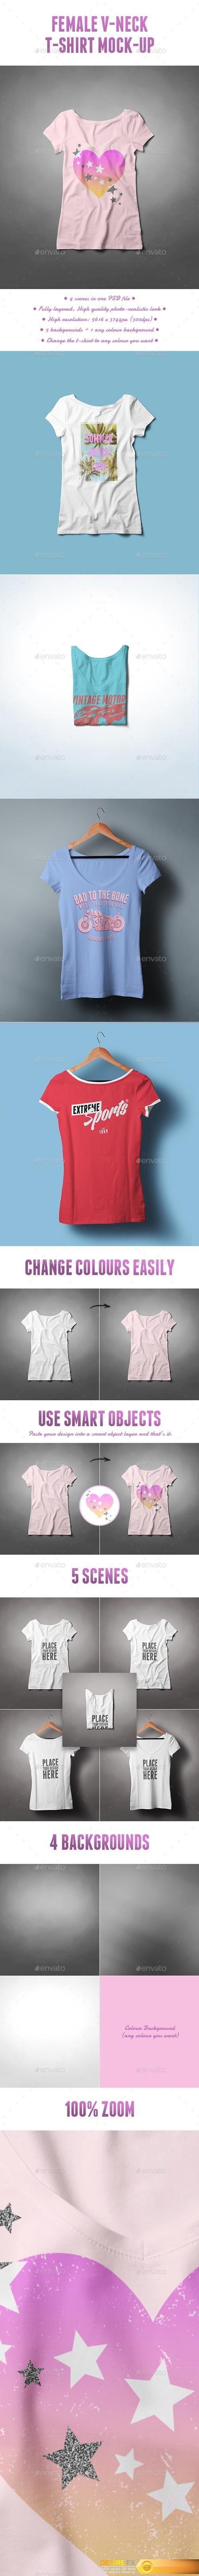 Female V-Neck T-shirt Mock-up 19832612 http://www.desirefx.me/female ...